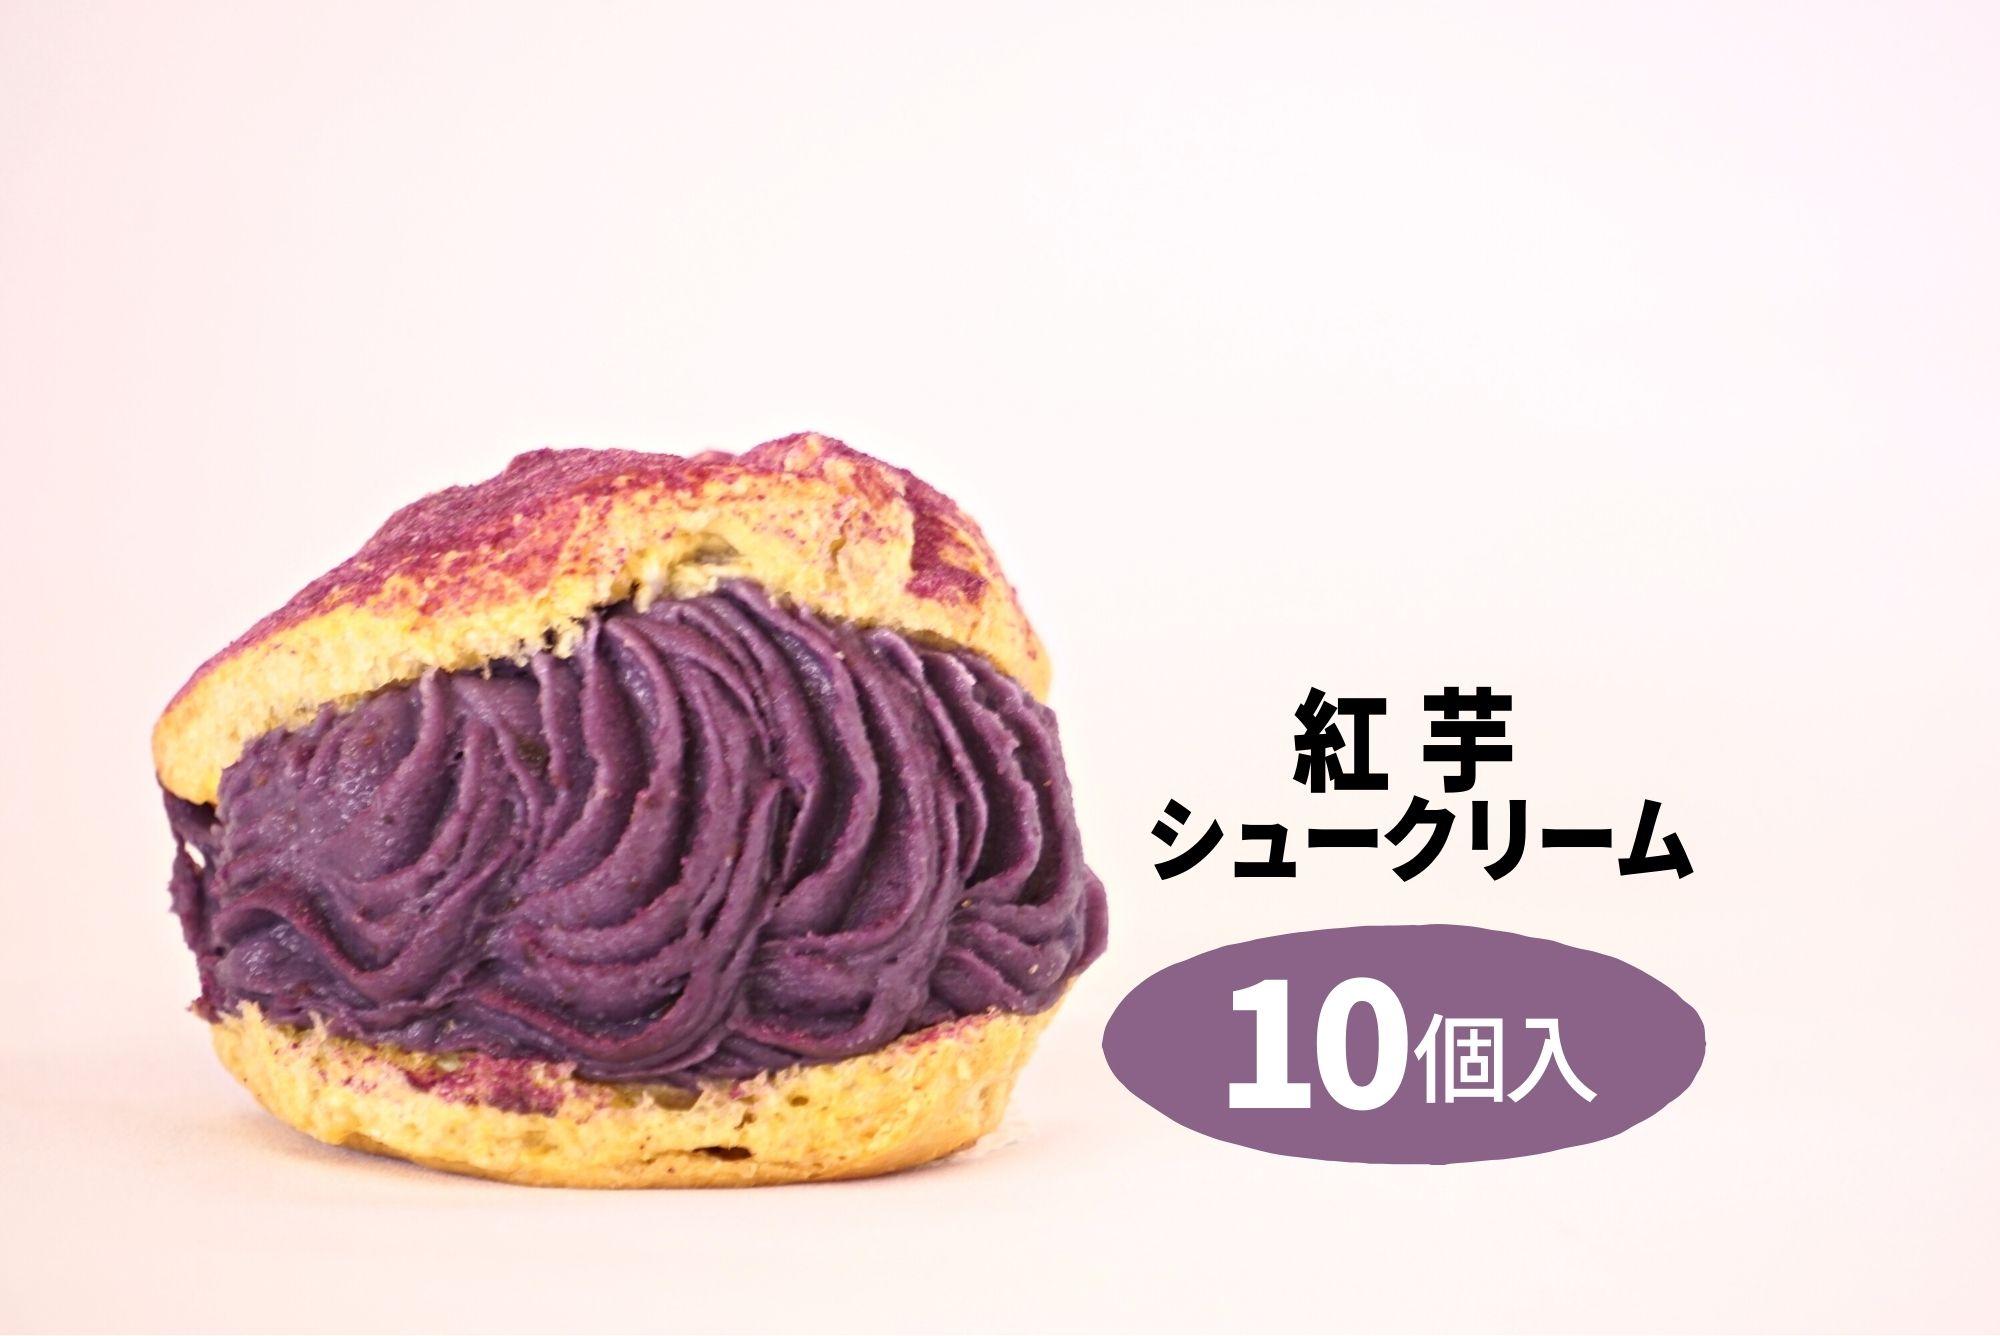 YUNAMI FACTORYオリジナル 冷凍 紅芋シュークリーム 10コ入り